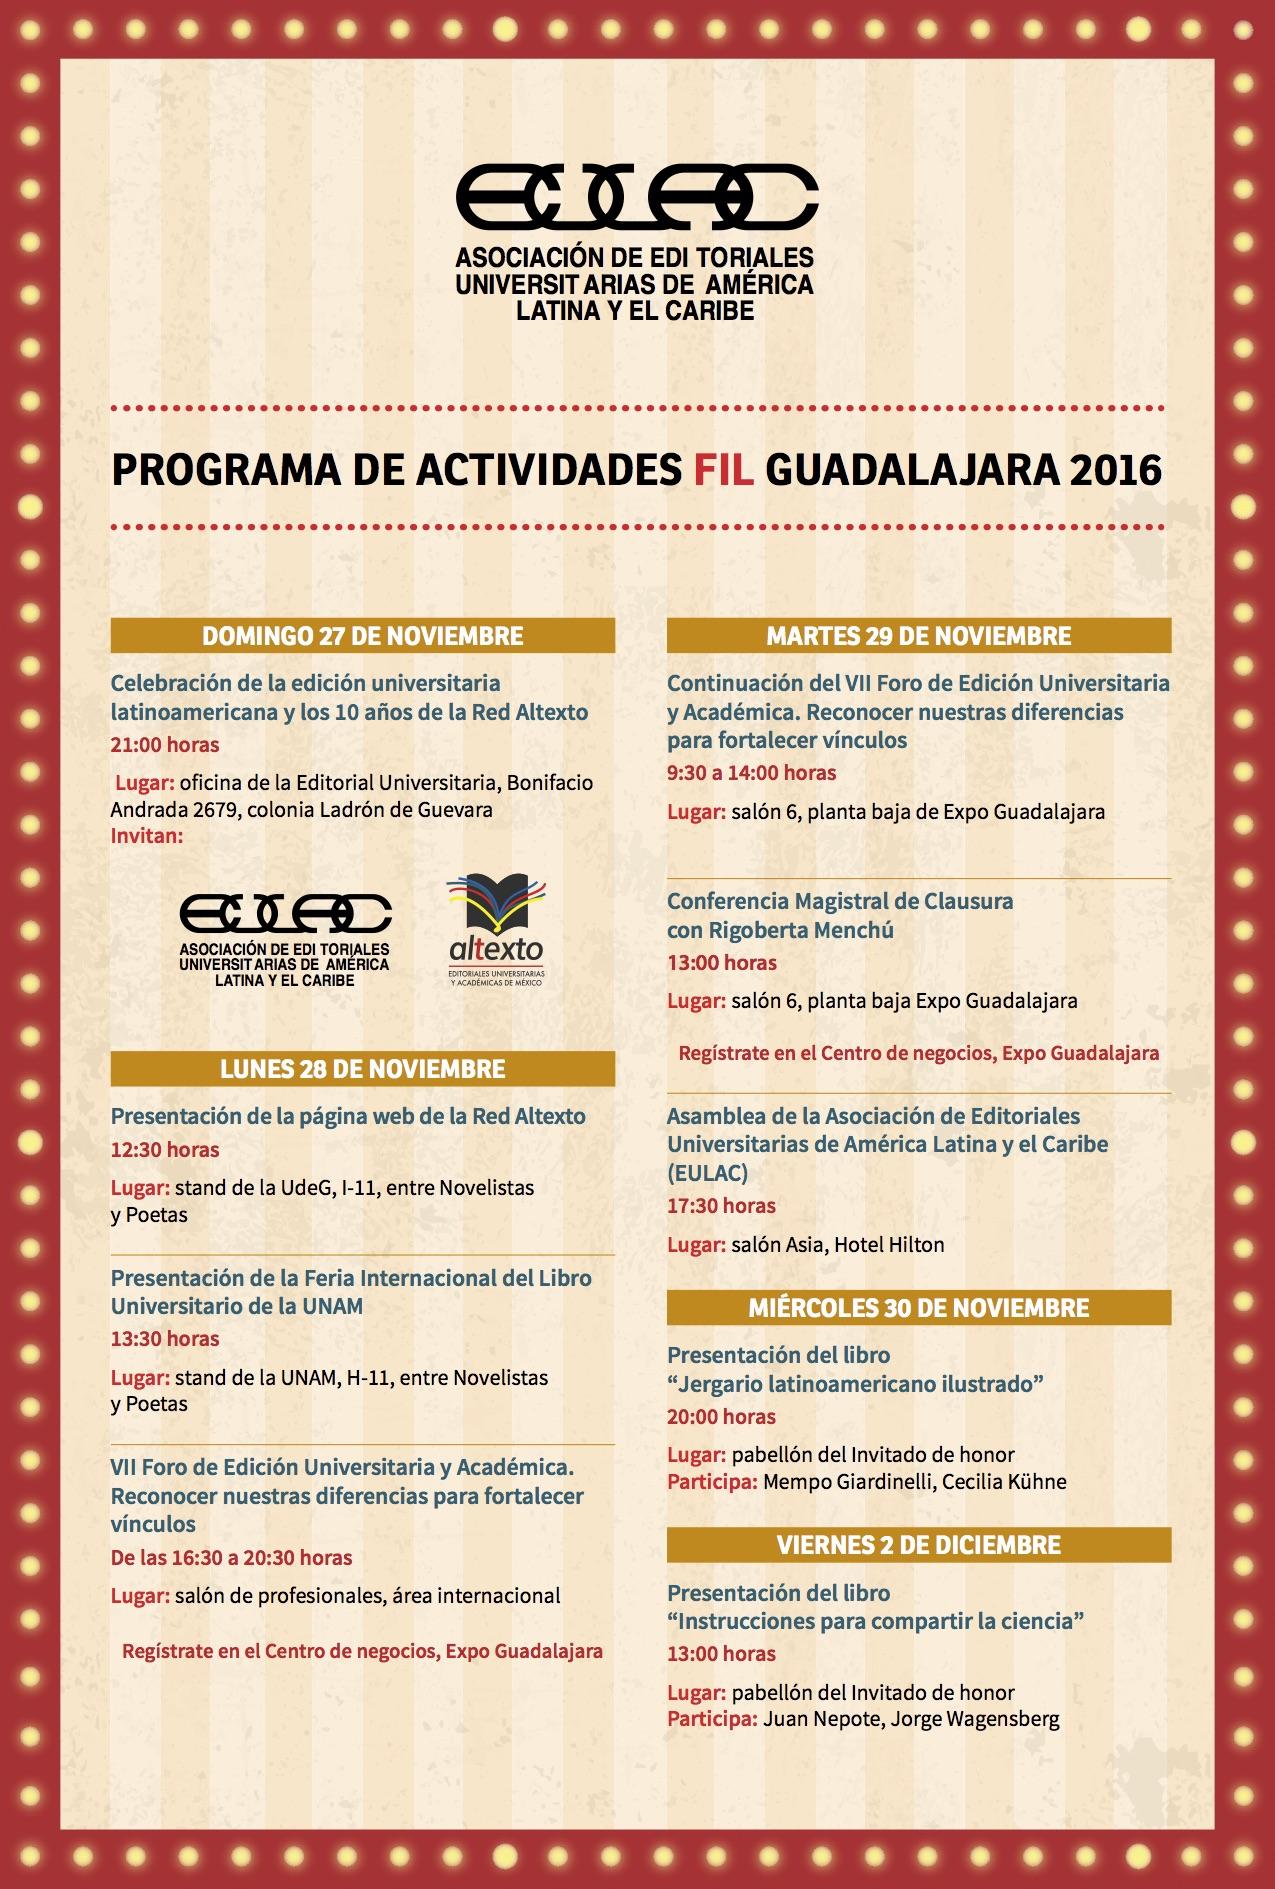 Actividades EULAC FIL 2016